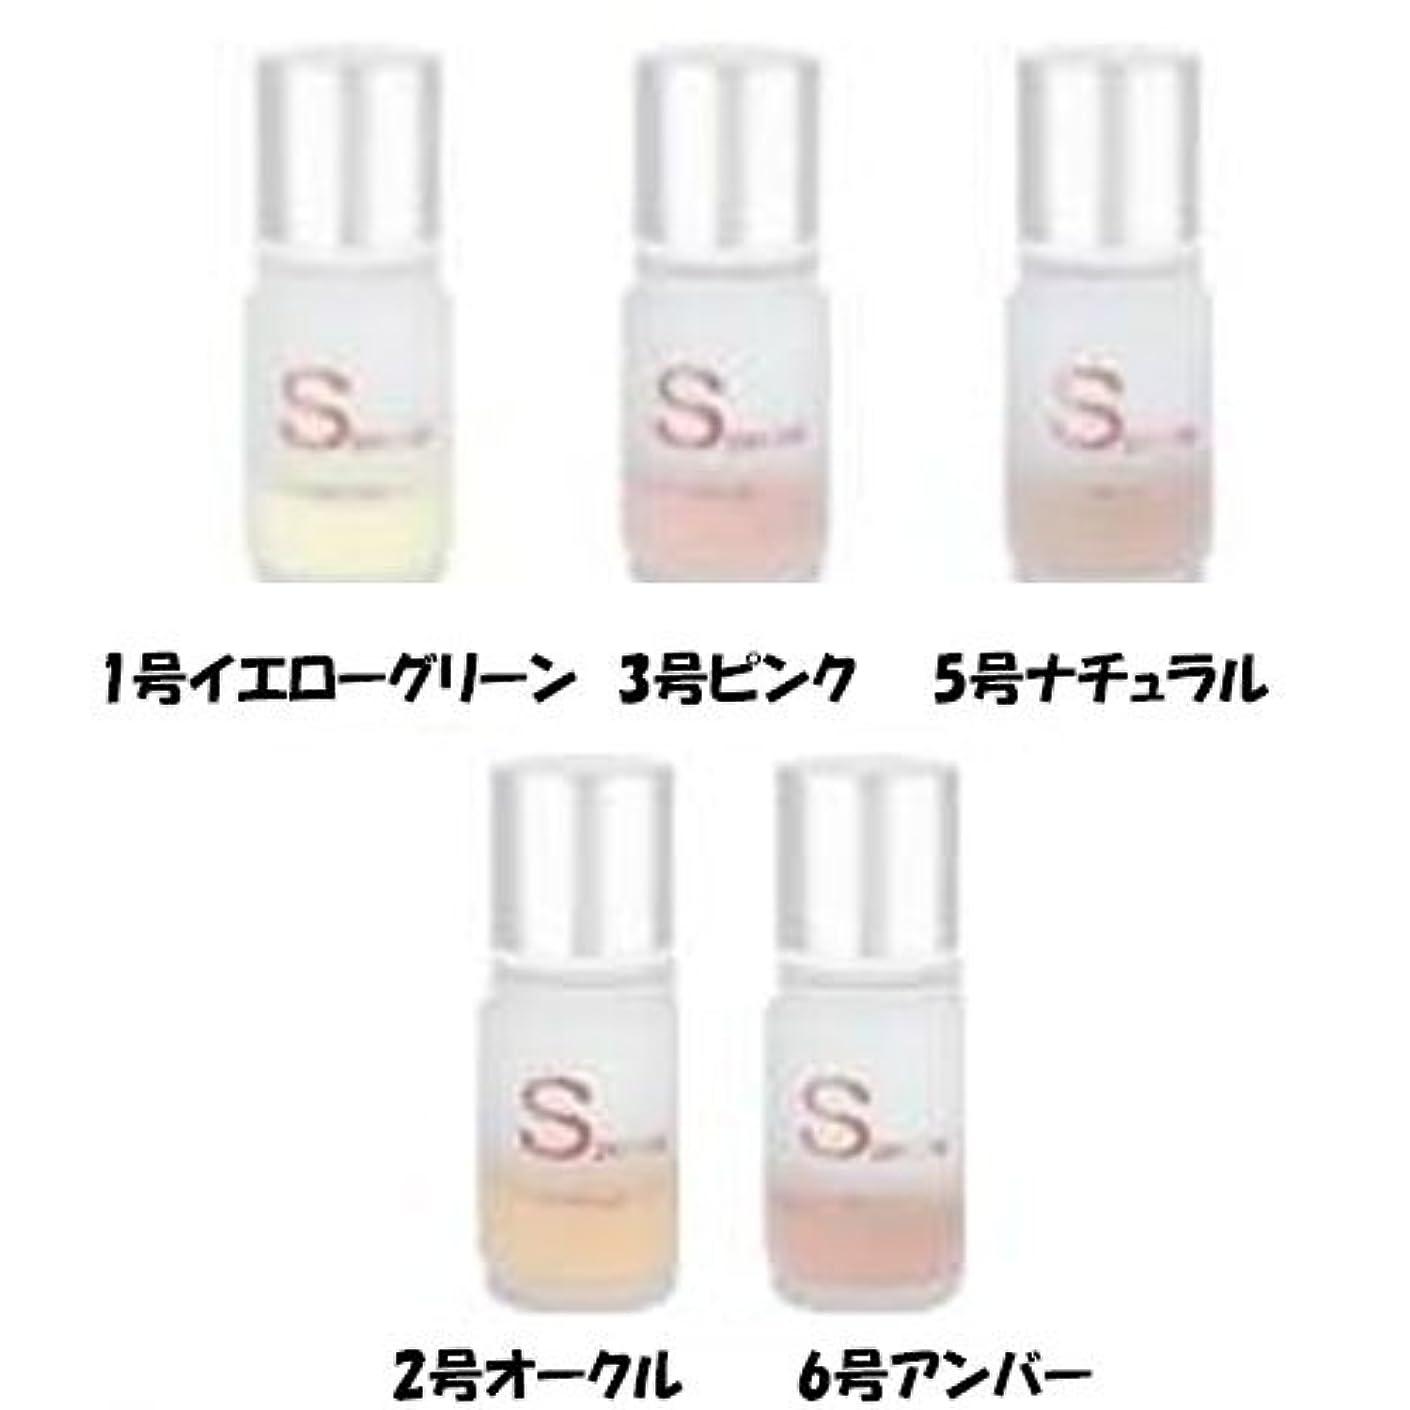 マイナー旅行者人物ジュポン スペシャルファンデーションS 30mL (3 ピンク)